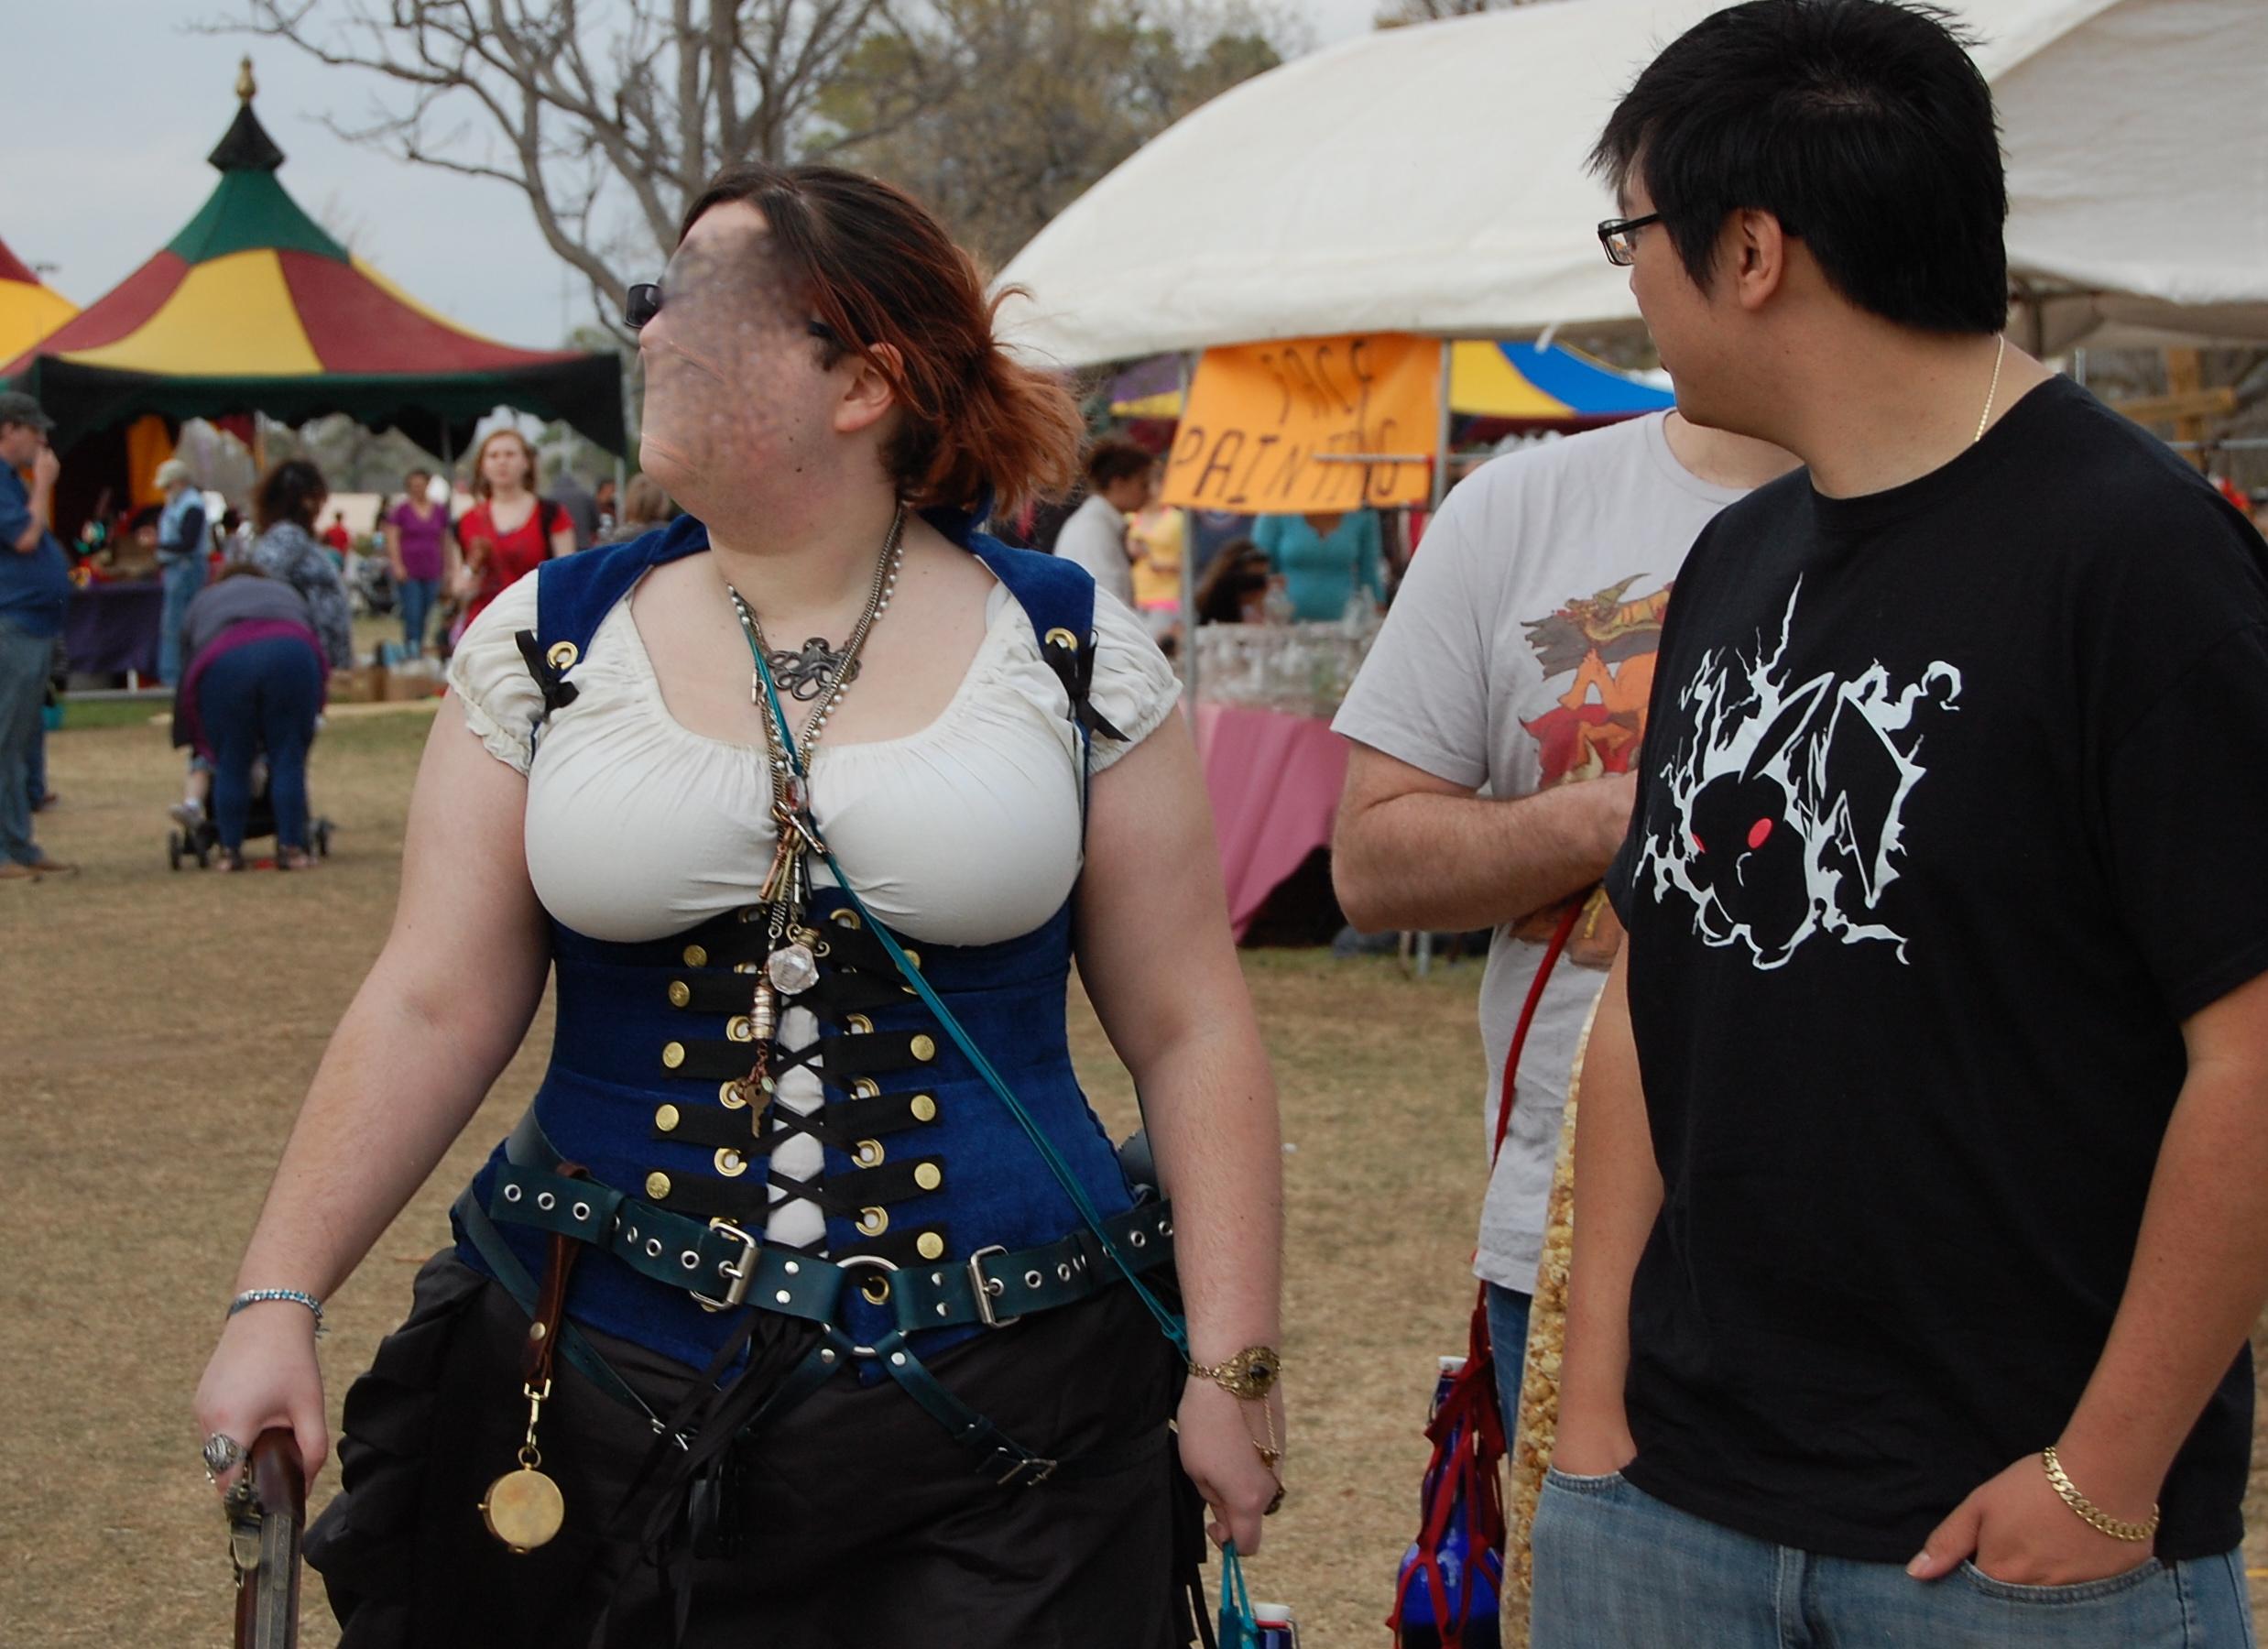 Renaissance cleavage